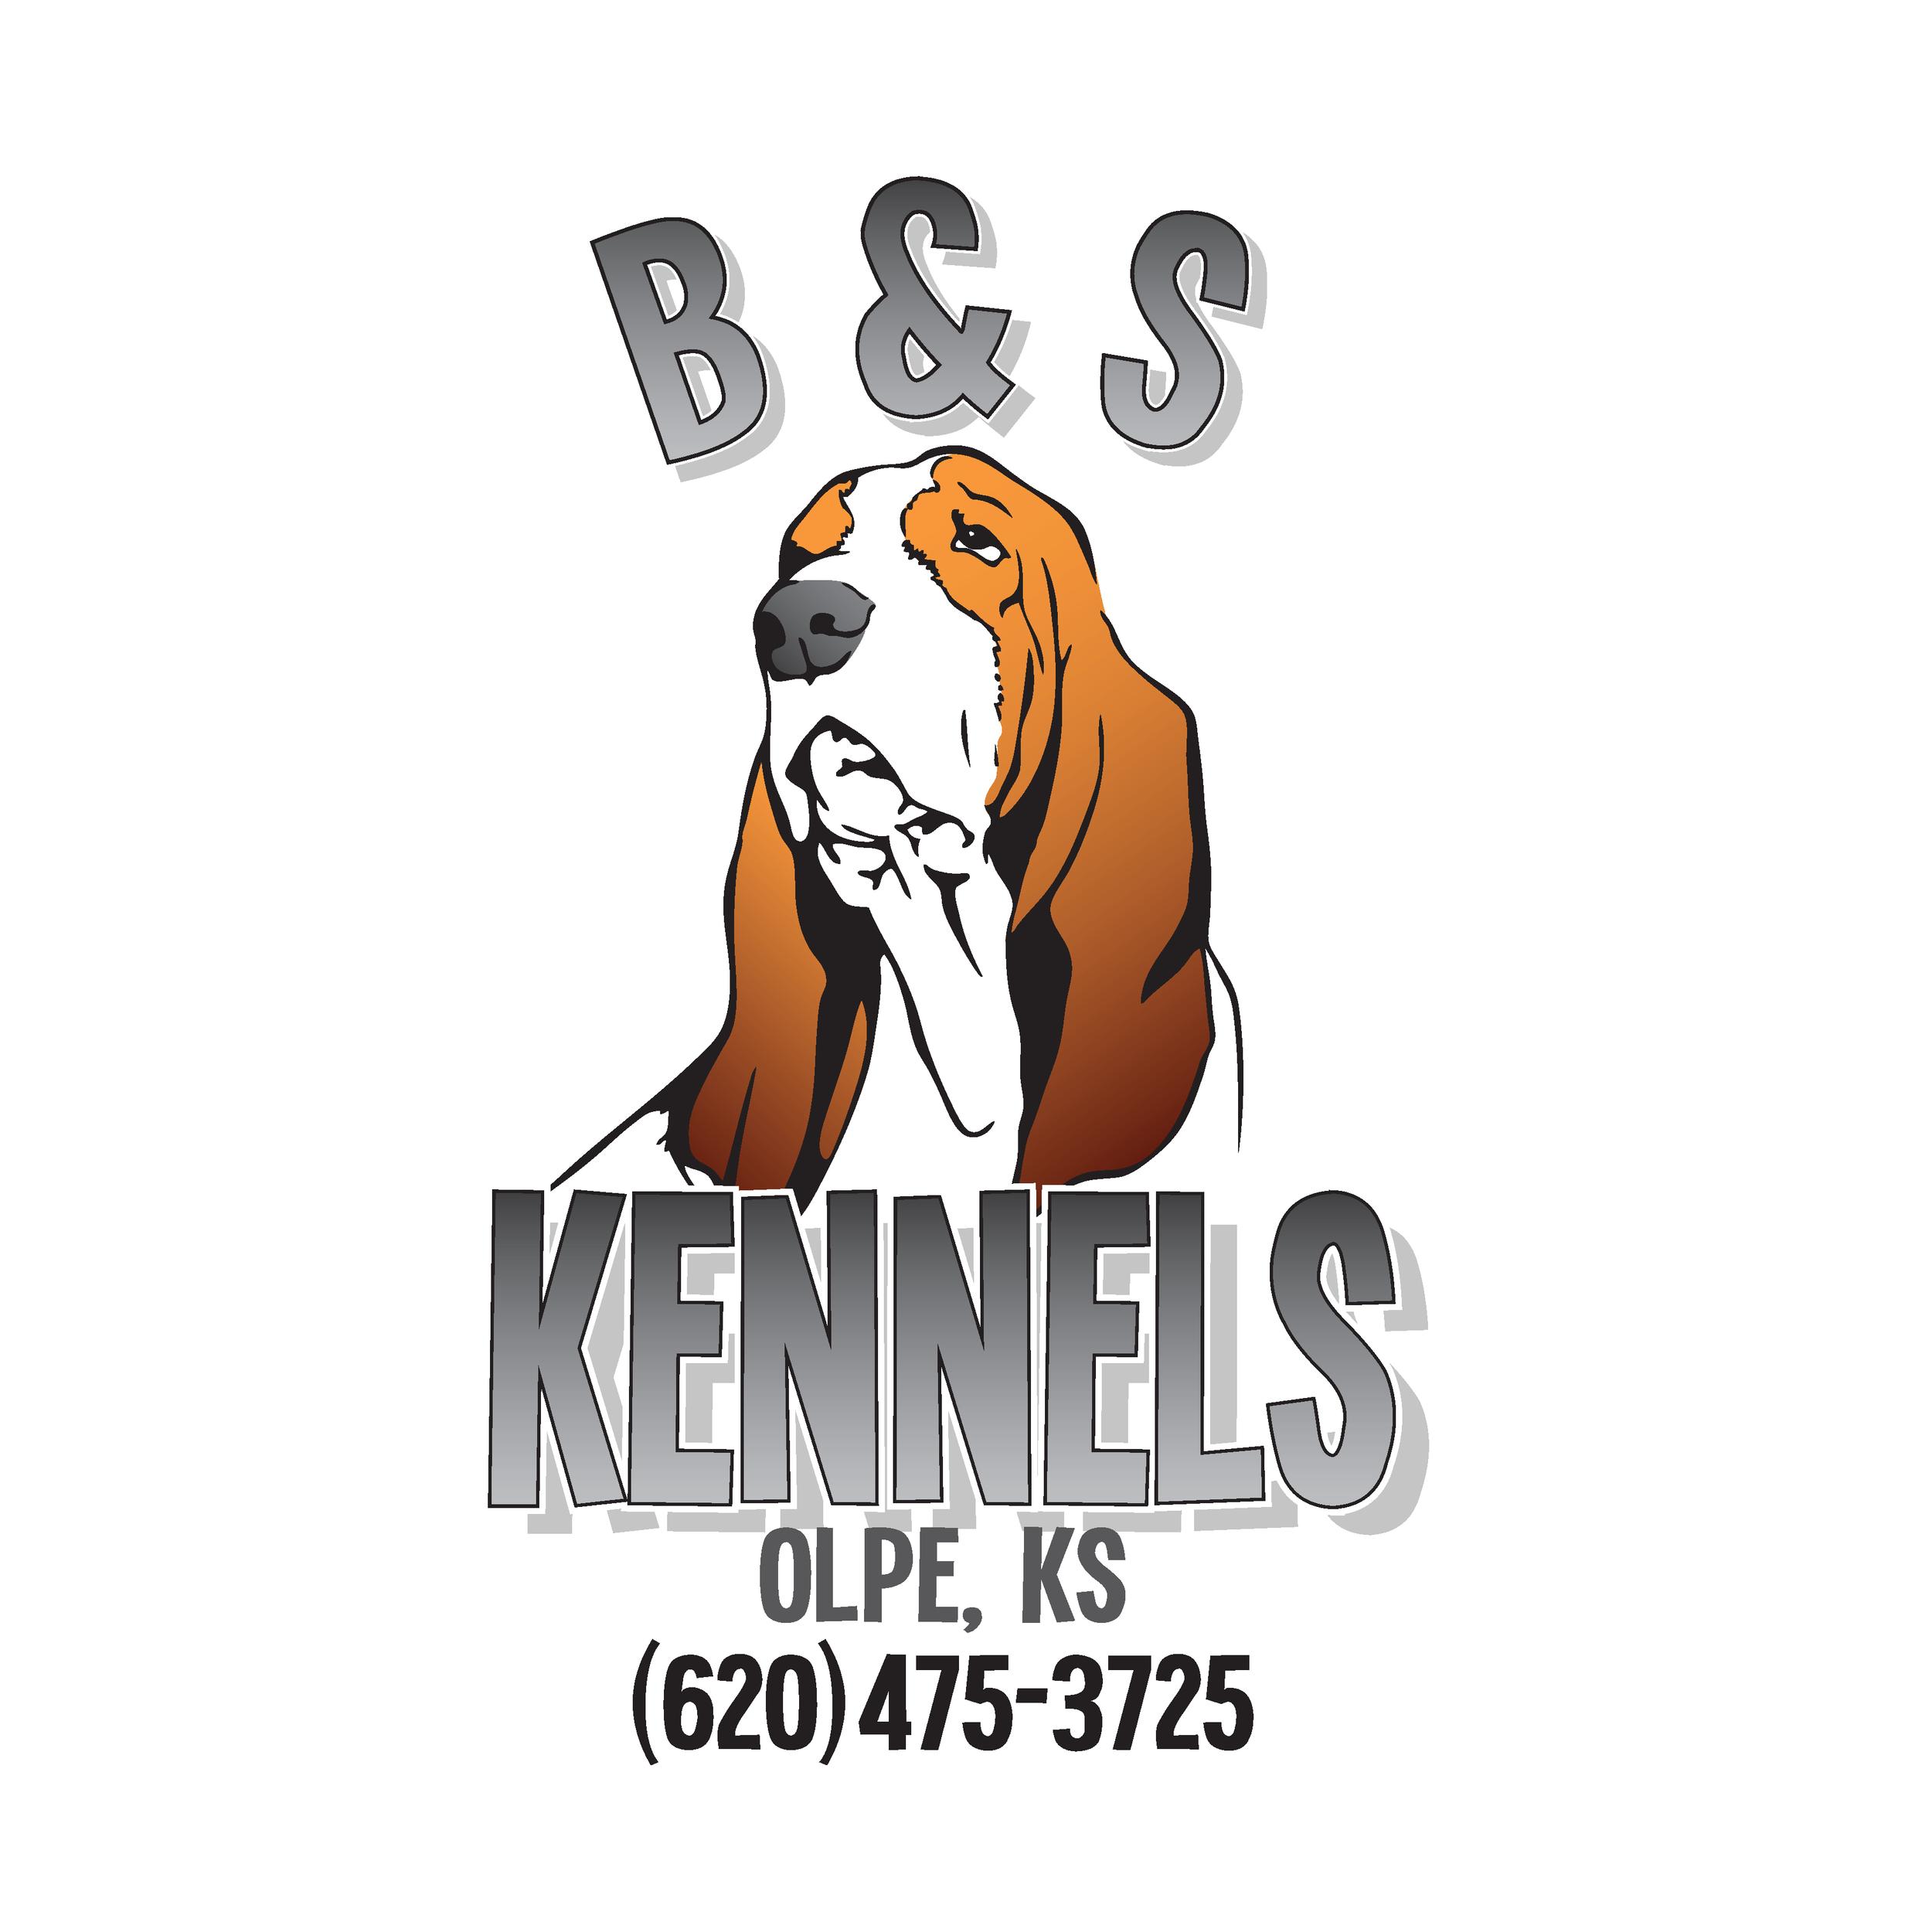 B&S Kennels Art PROOF 2.5.png